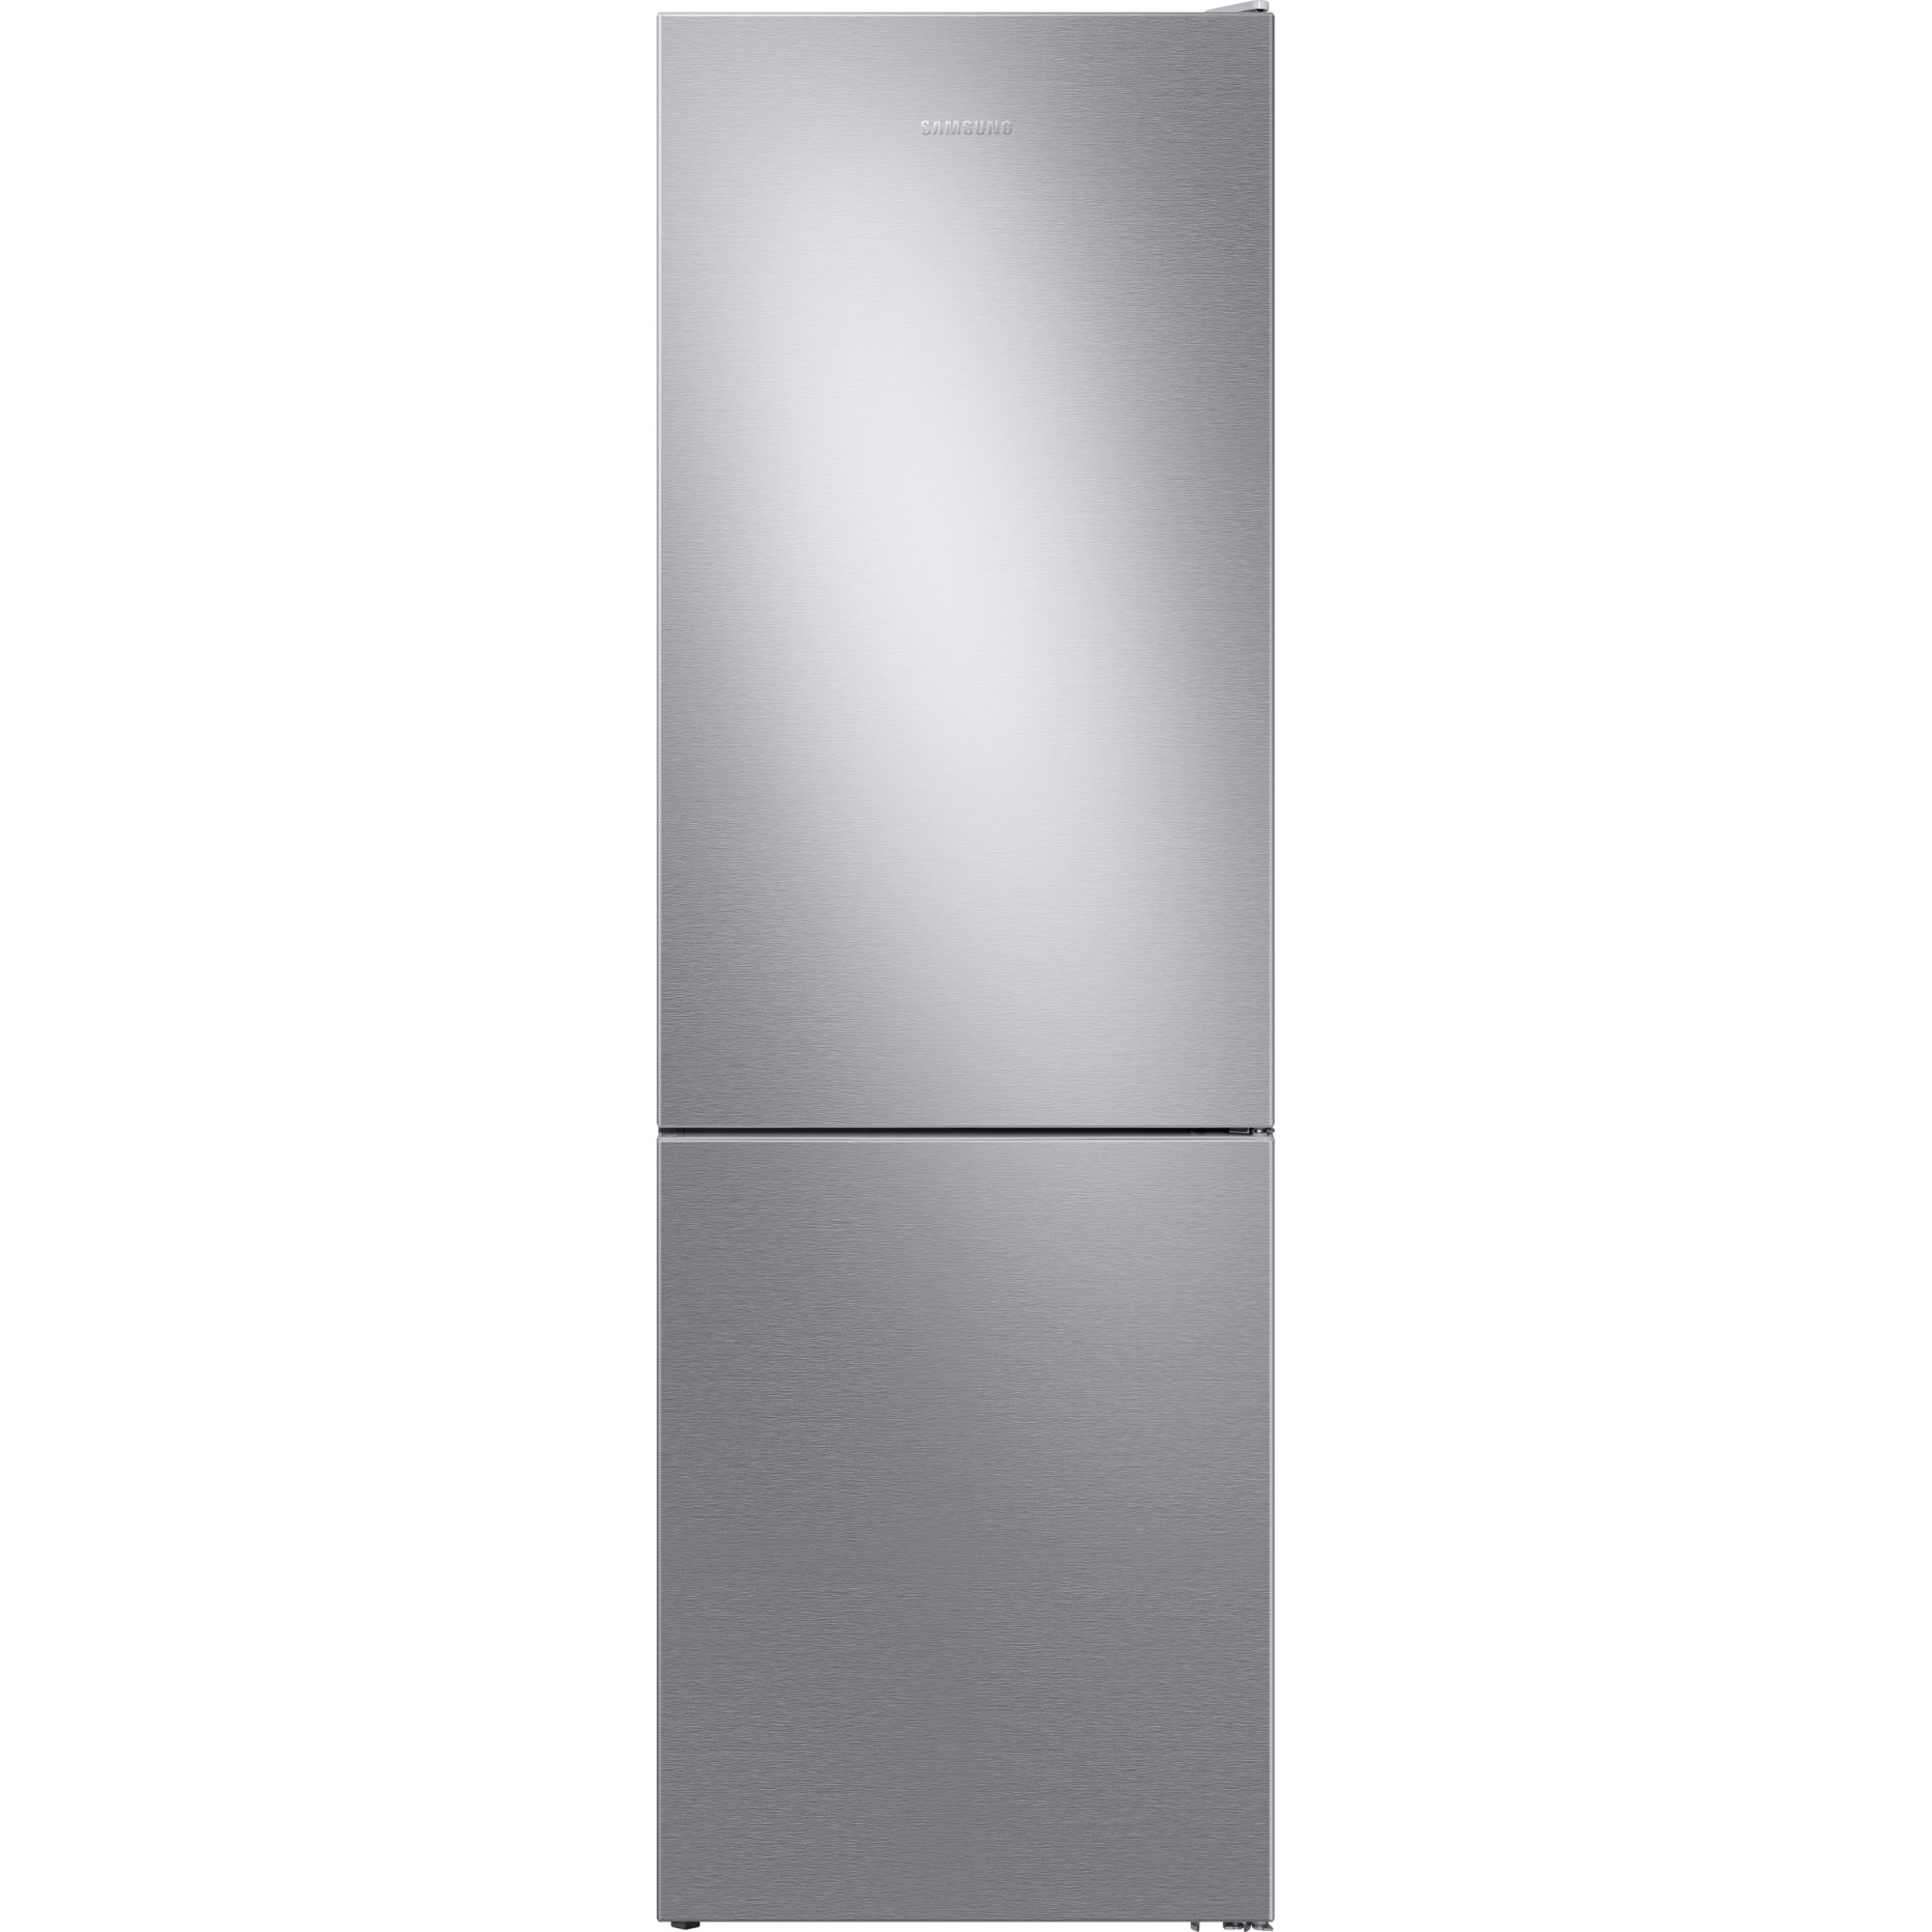 Fotografie Combina frigorifica Samsung RB3VTS104SA/EO, 317 l, Clasa E, No Frost, Twin Cooling, Compresor Digital Inverter, H 186 cm, Argintiu